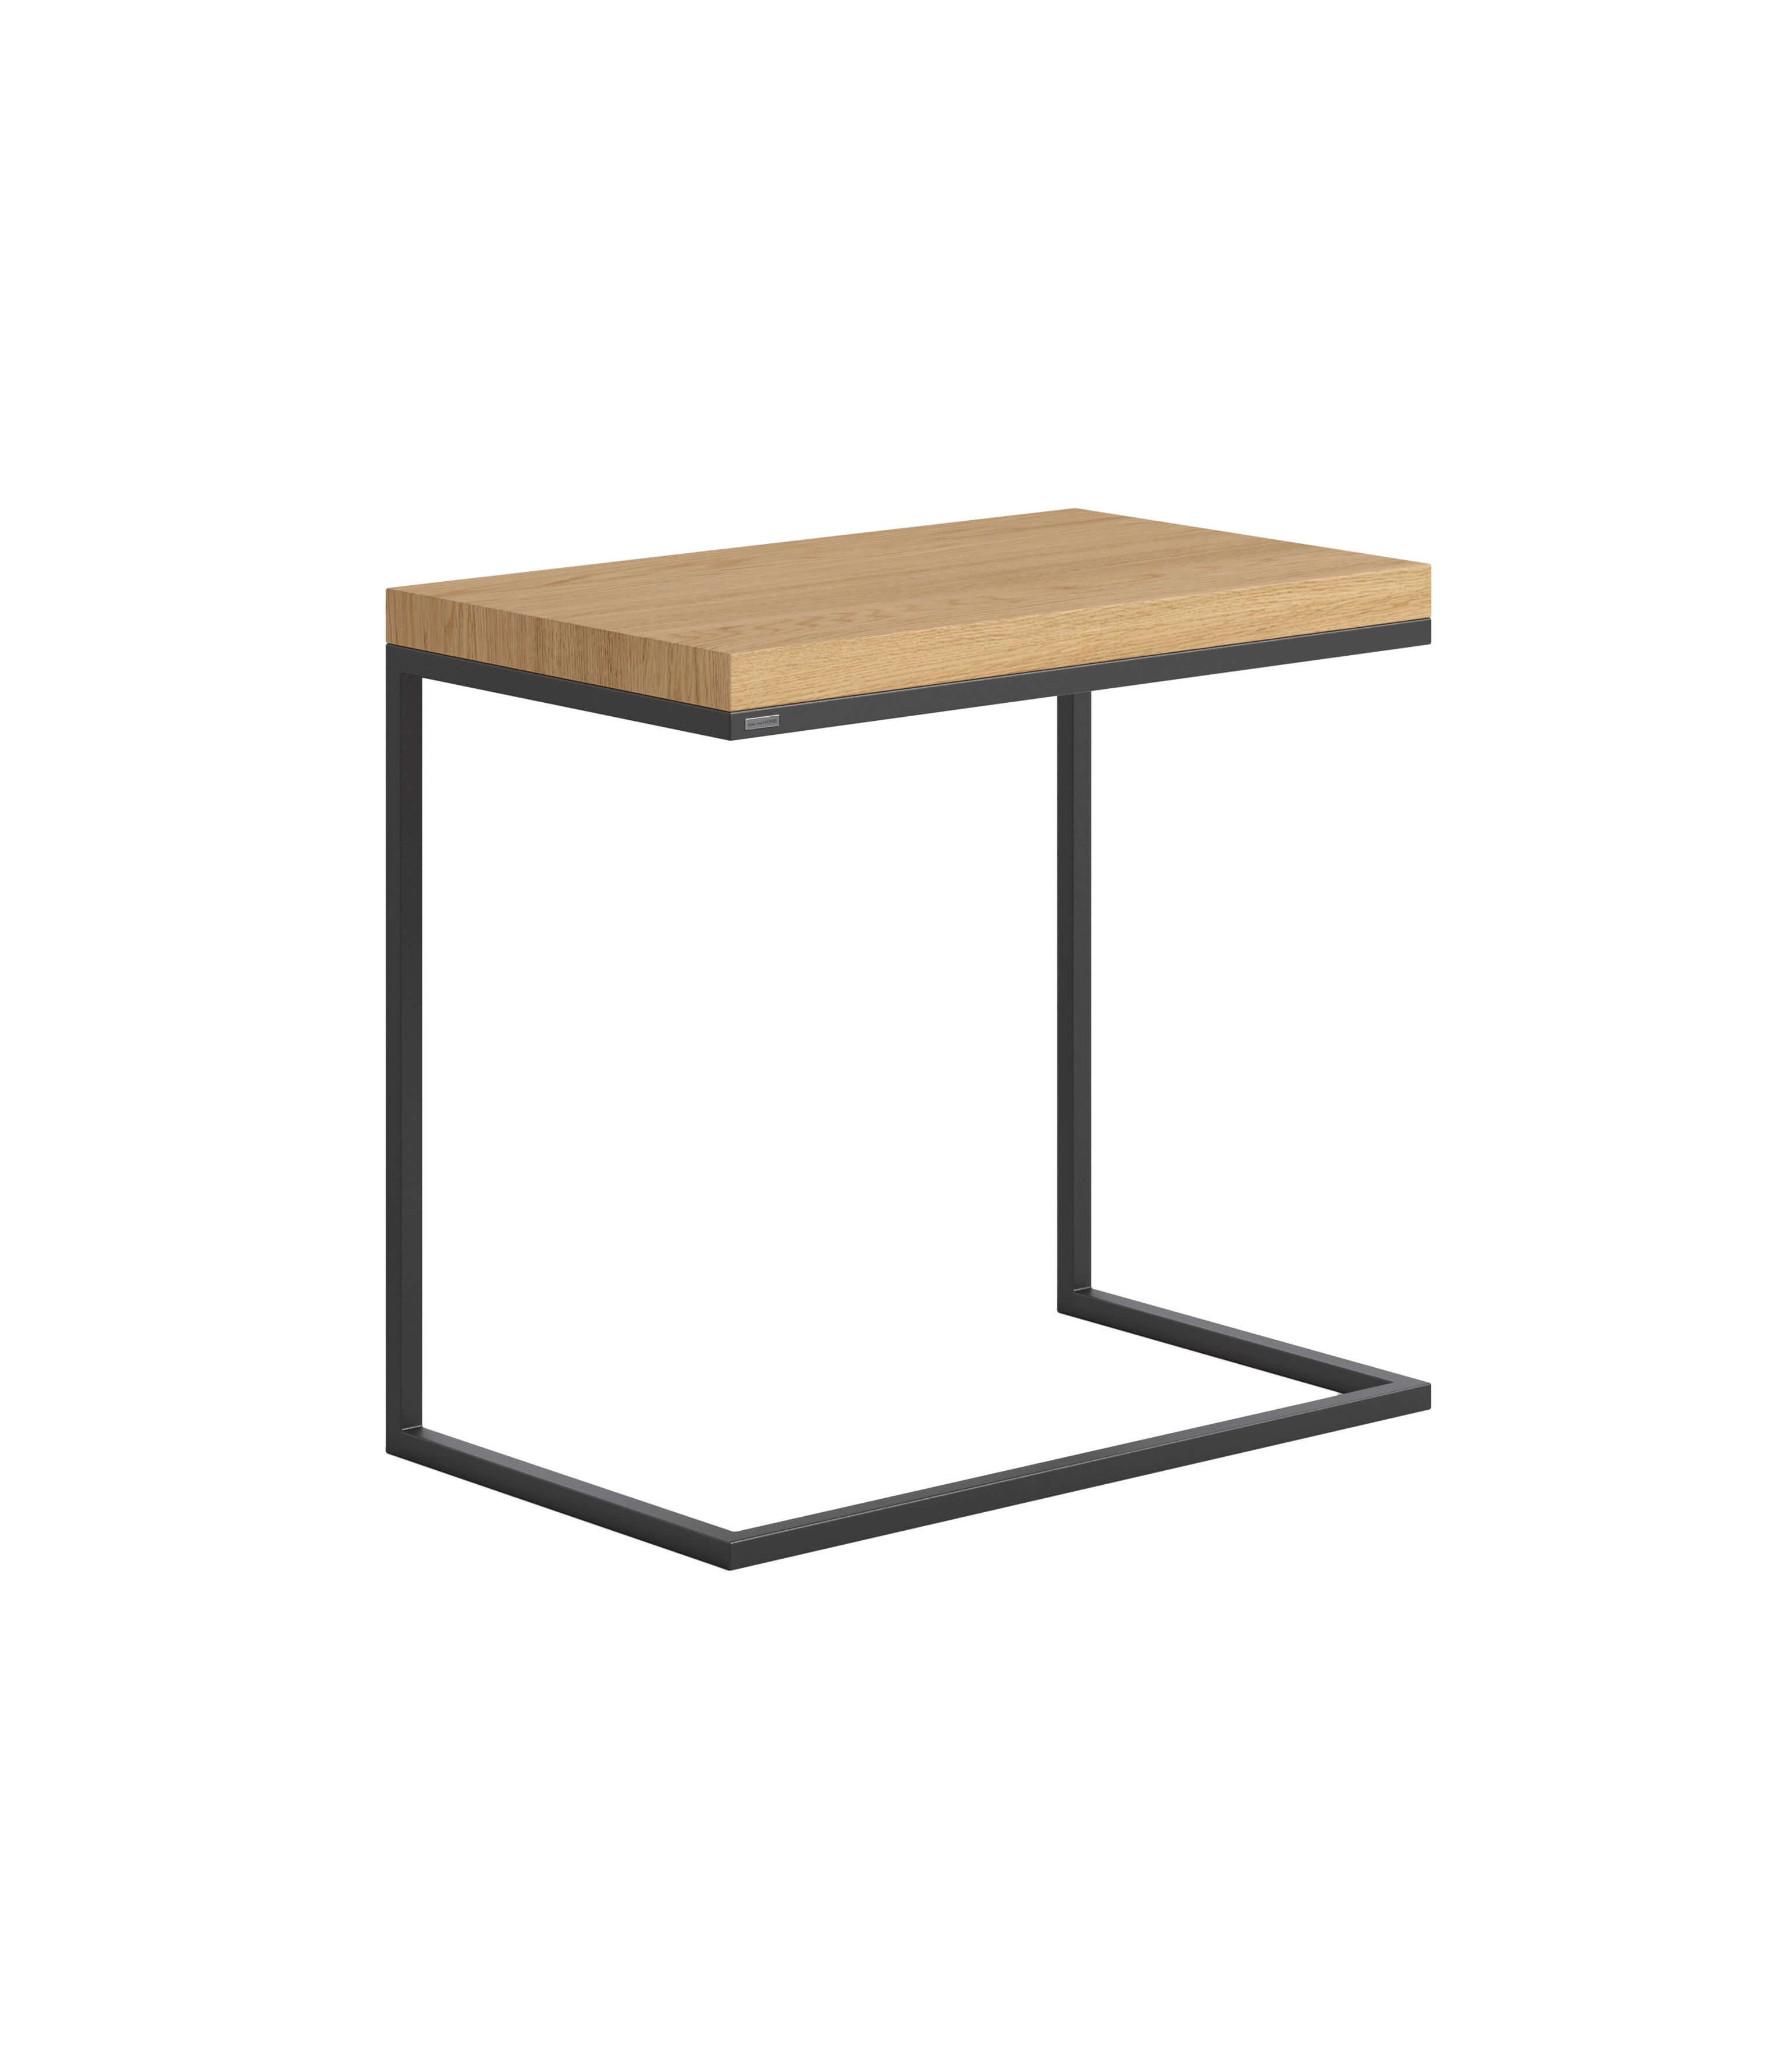 dębowy stolik pomocniczy berlin - take me HOME